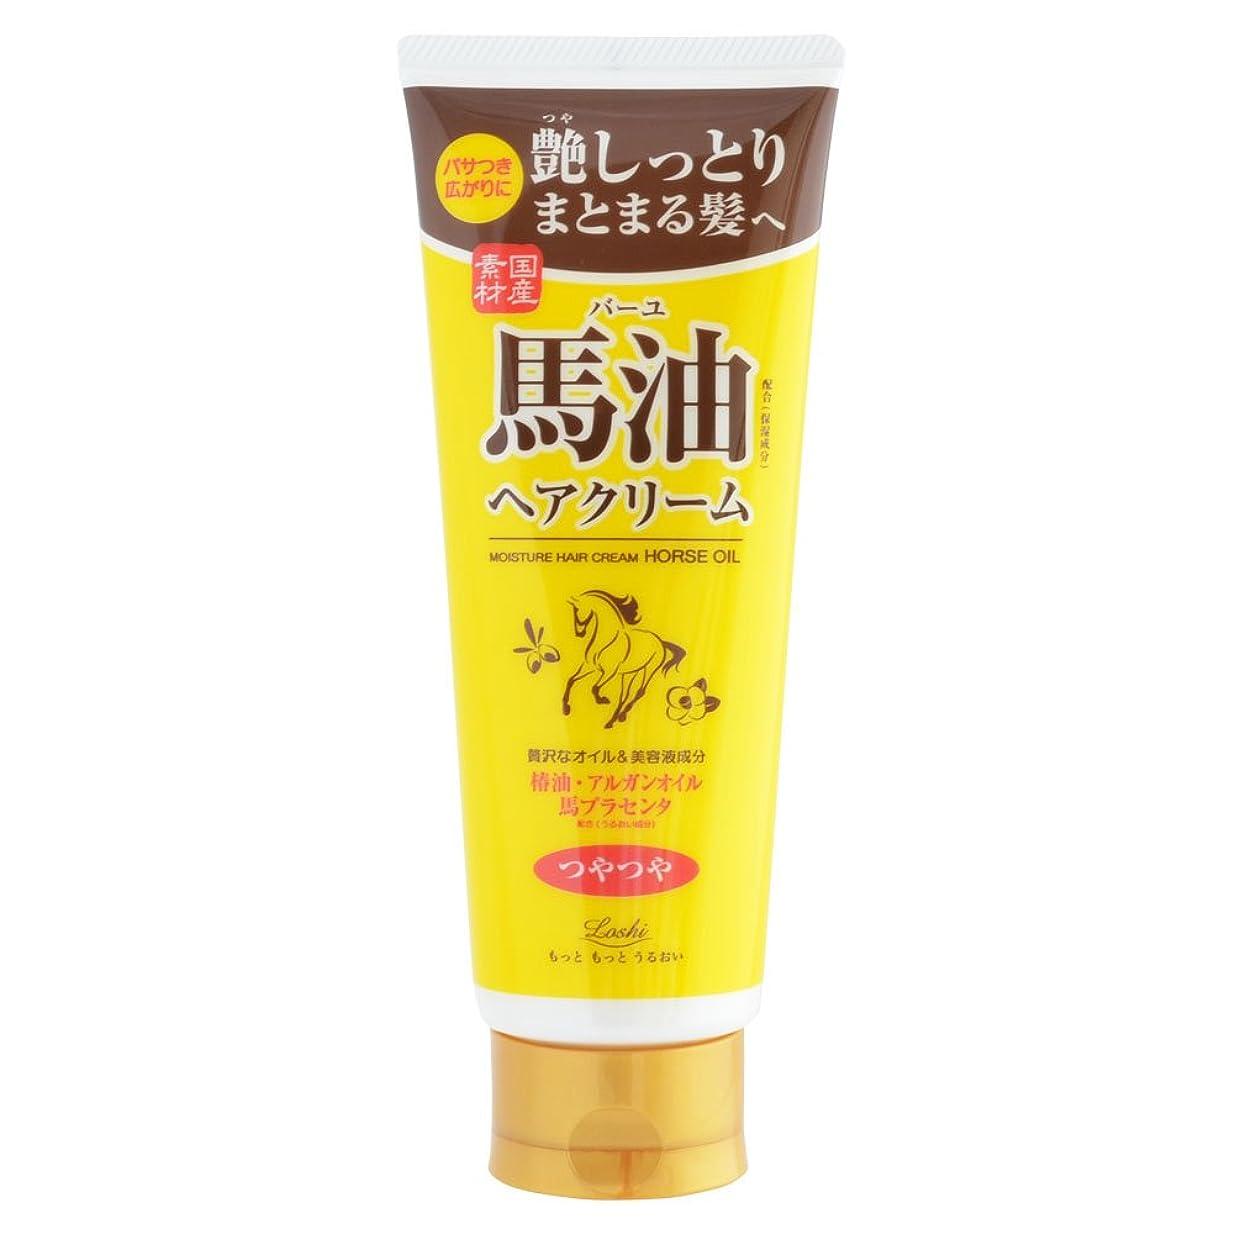 取り出す追加抵抗するロッシモイストエイド オイルヘアクリーム 馬油ヘアクリーム 160g